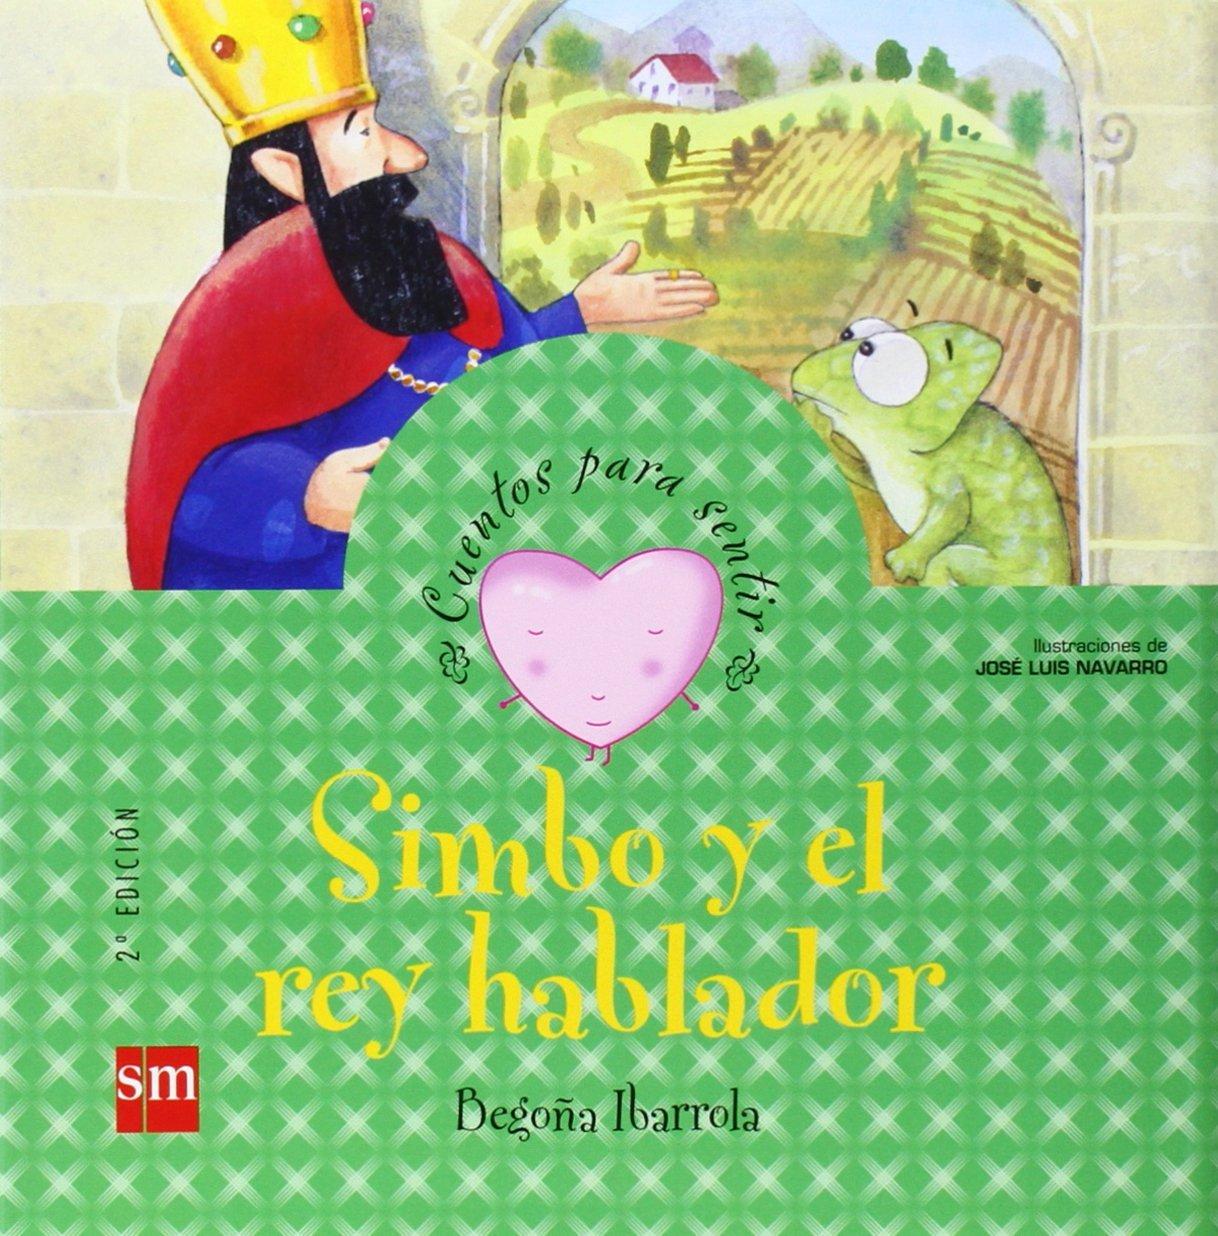 Simbo y el rey hablador/ Simbo and the Talkative King  by  Begona Ibarrola